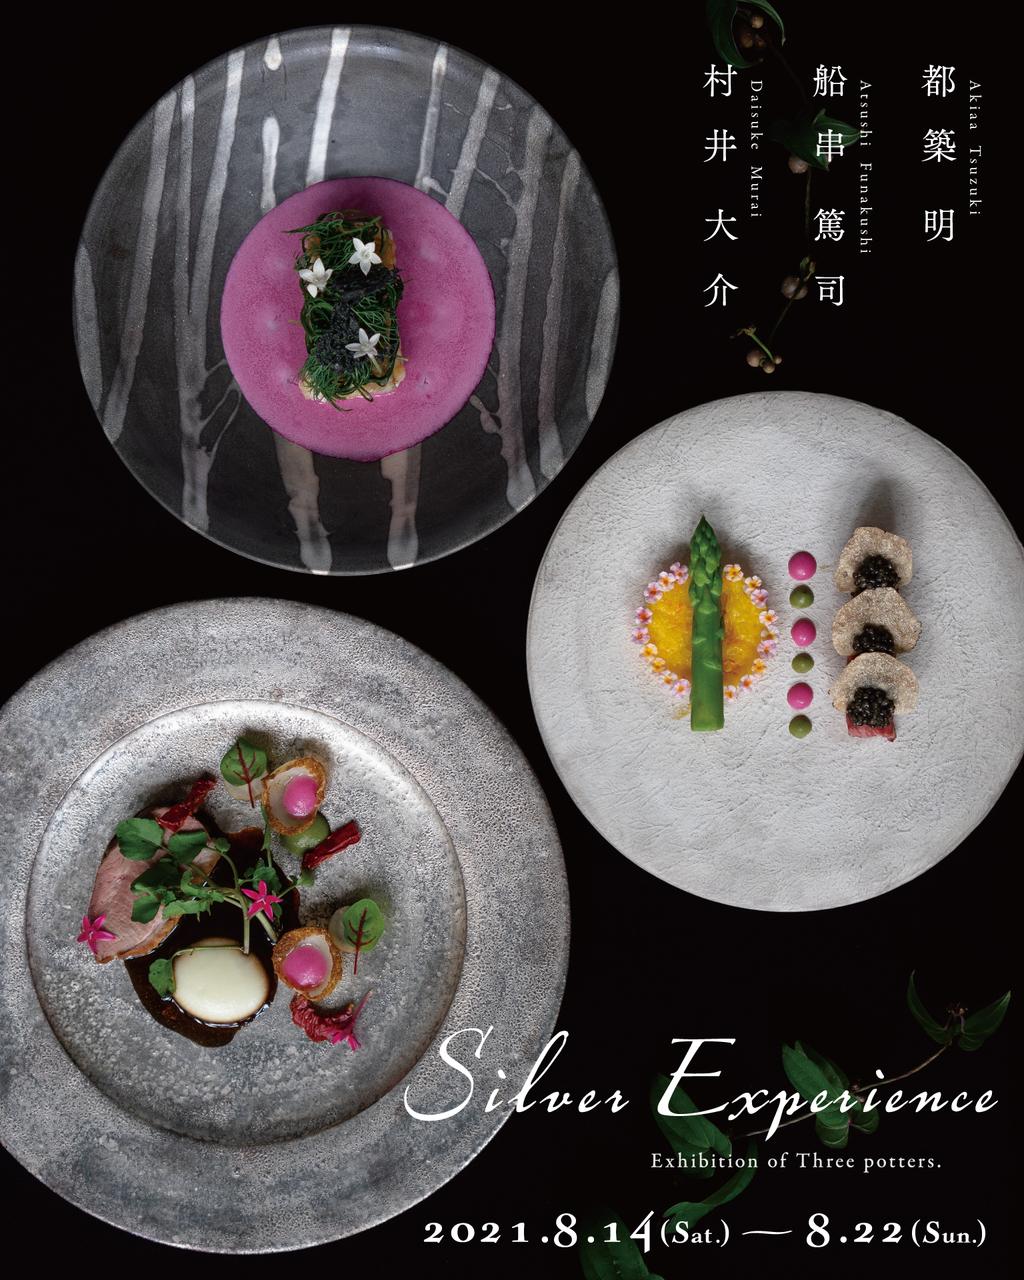 都築明・船串篤司・村井大介 3人展『Silver Experience』初日予約フォーム